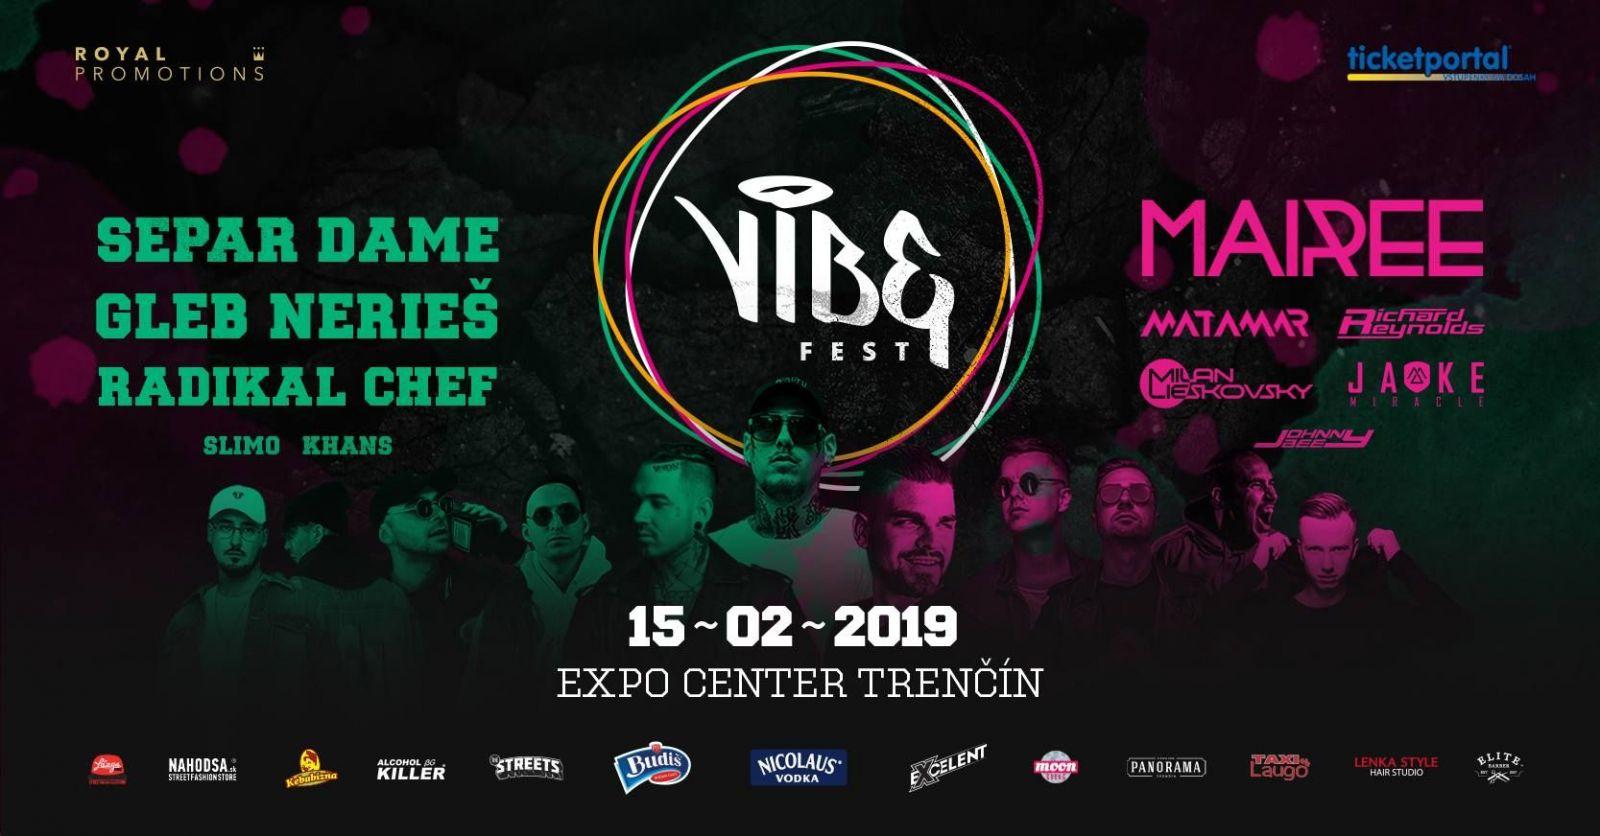 Zimný VIBE Fest spája rapový a elektronický žáner. Vystúpia DMS, Nerieš či Gleb ale aj Mairee a Milan Lieskovský